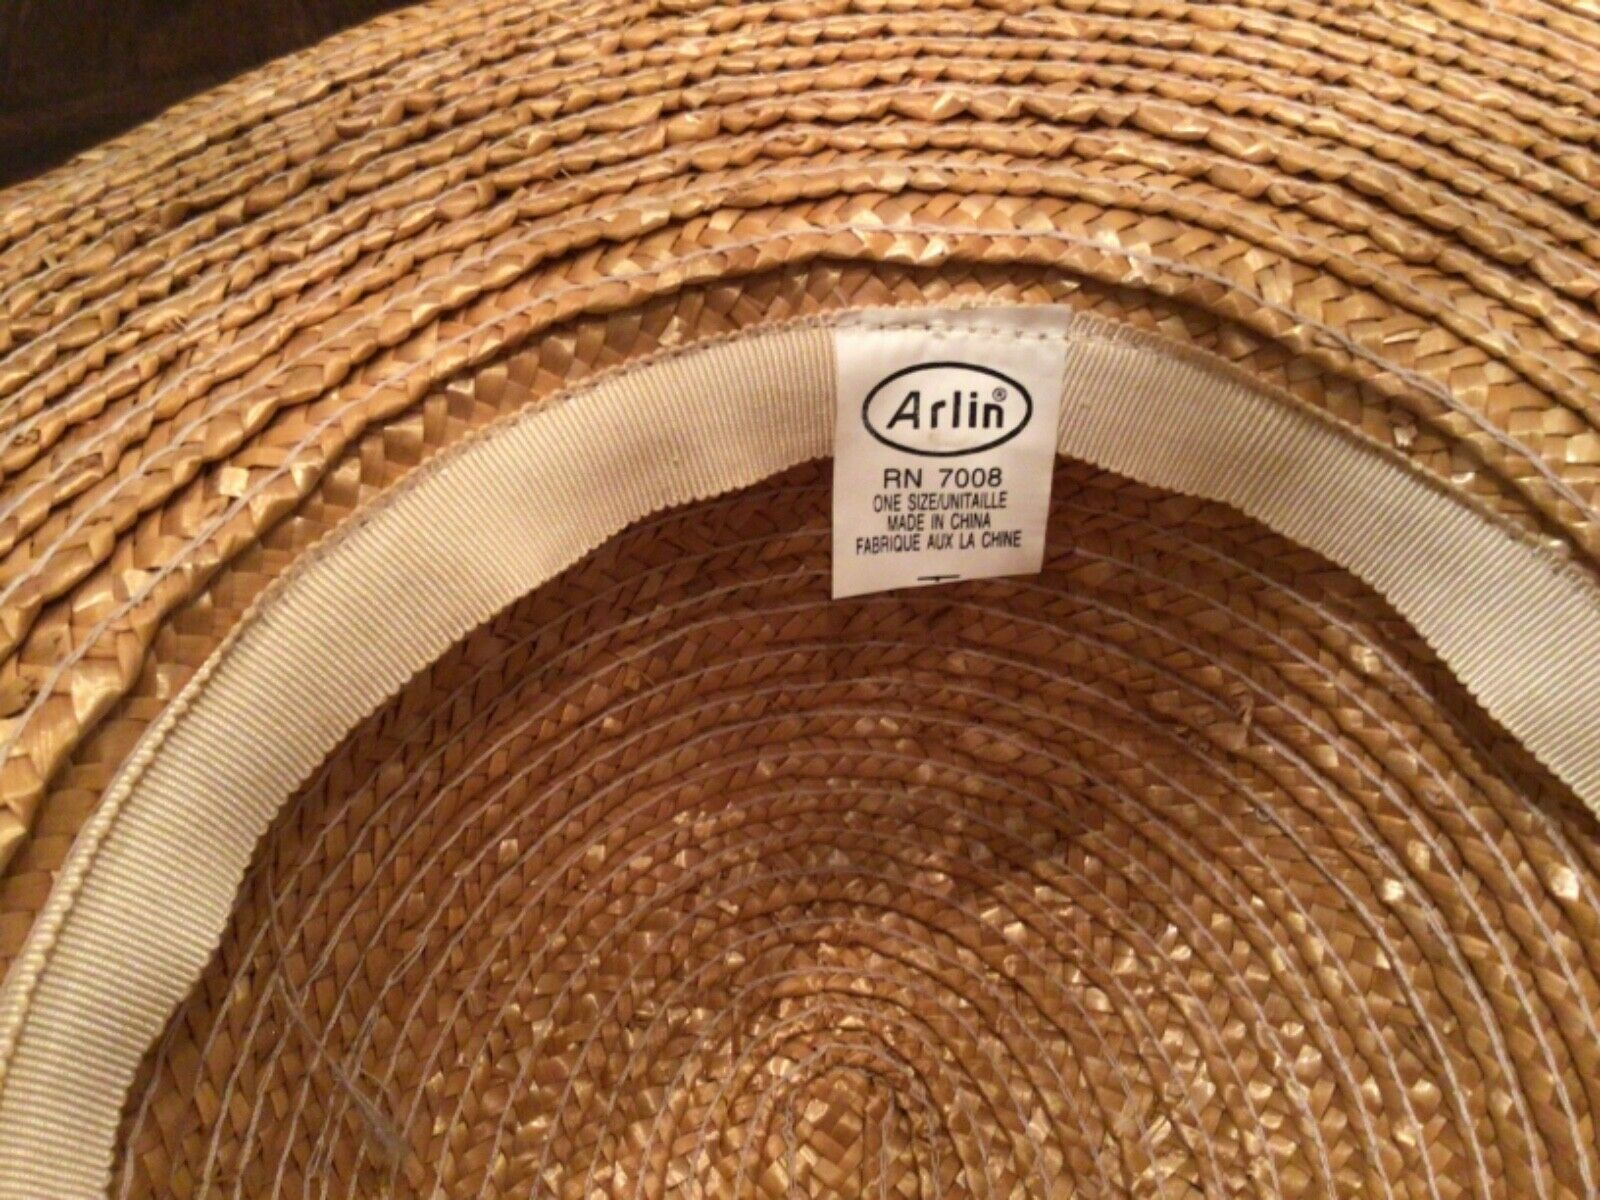 VINTAGE ARLIN WIDE BRIMMED STRAW HAT - image 4